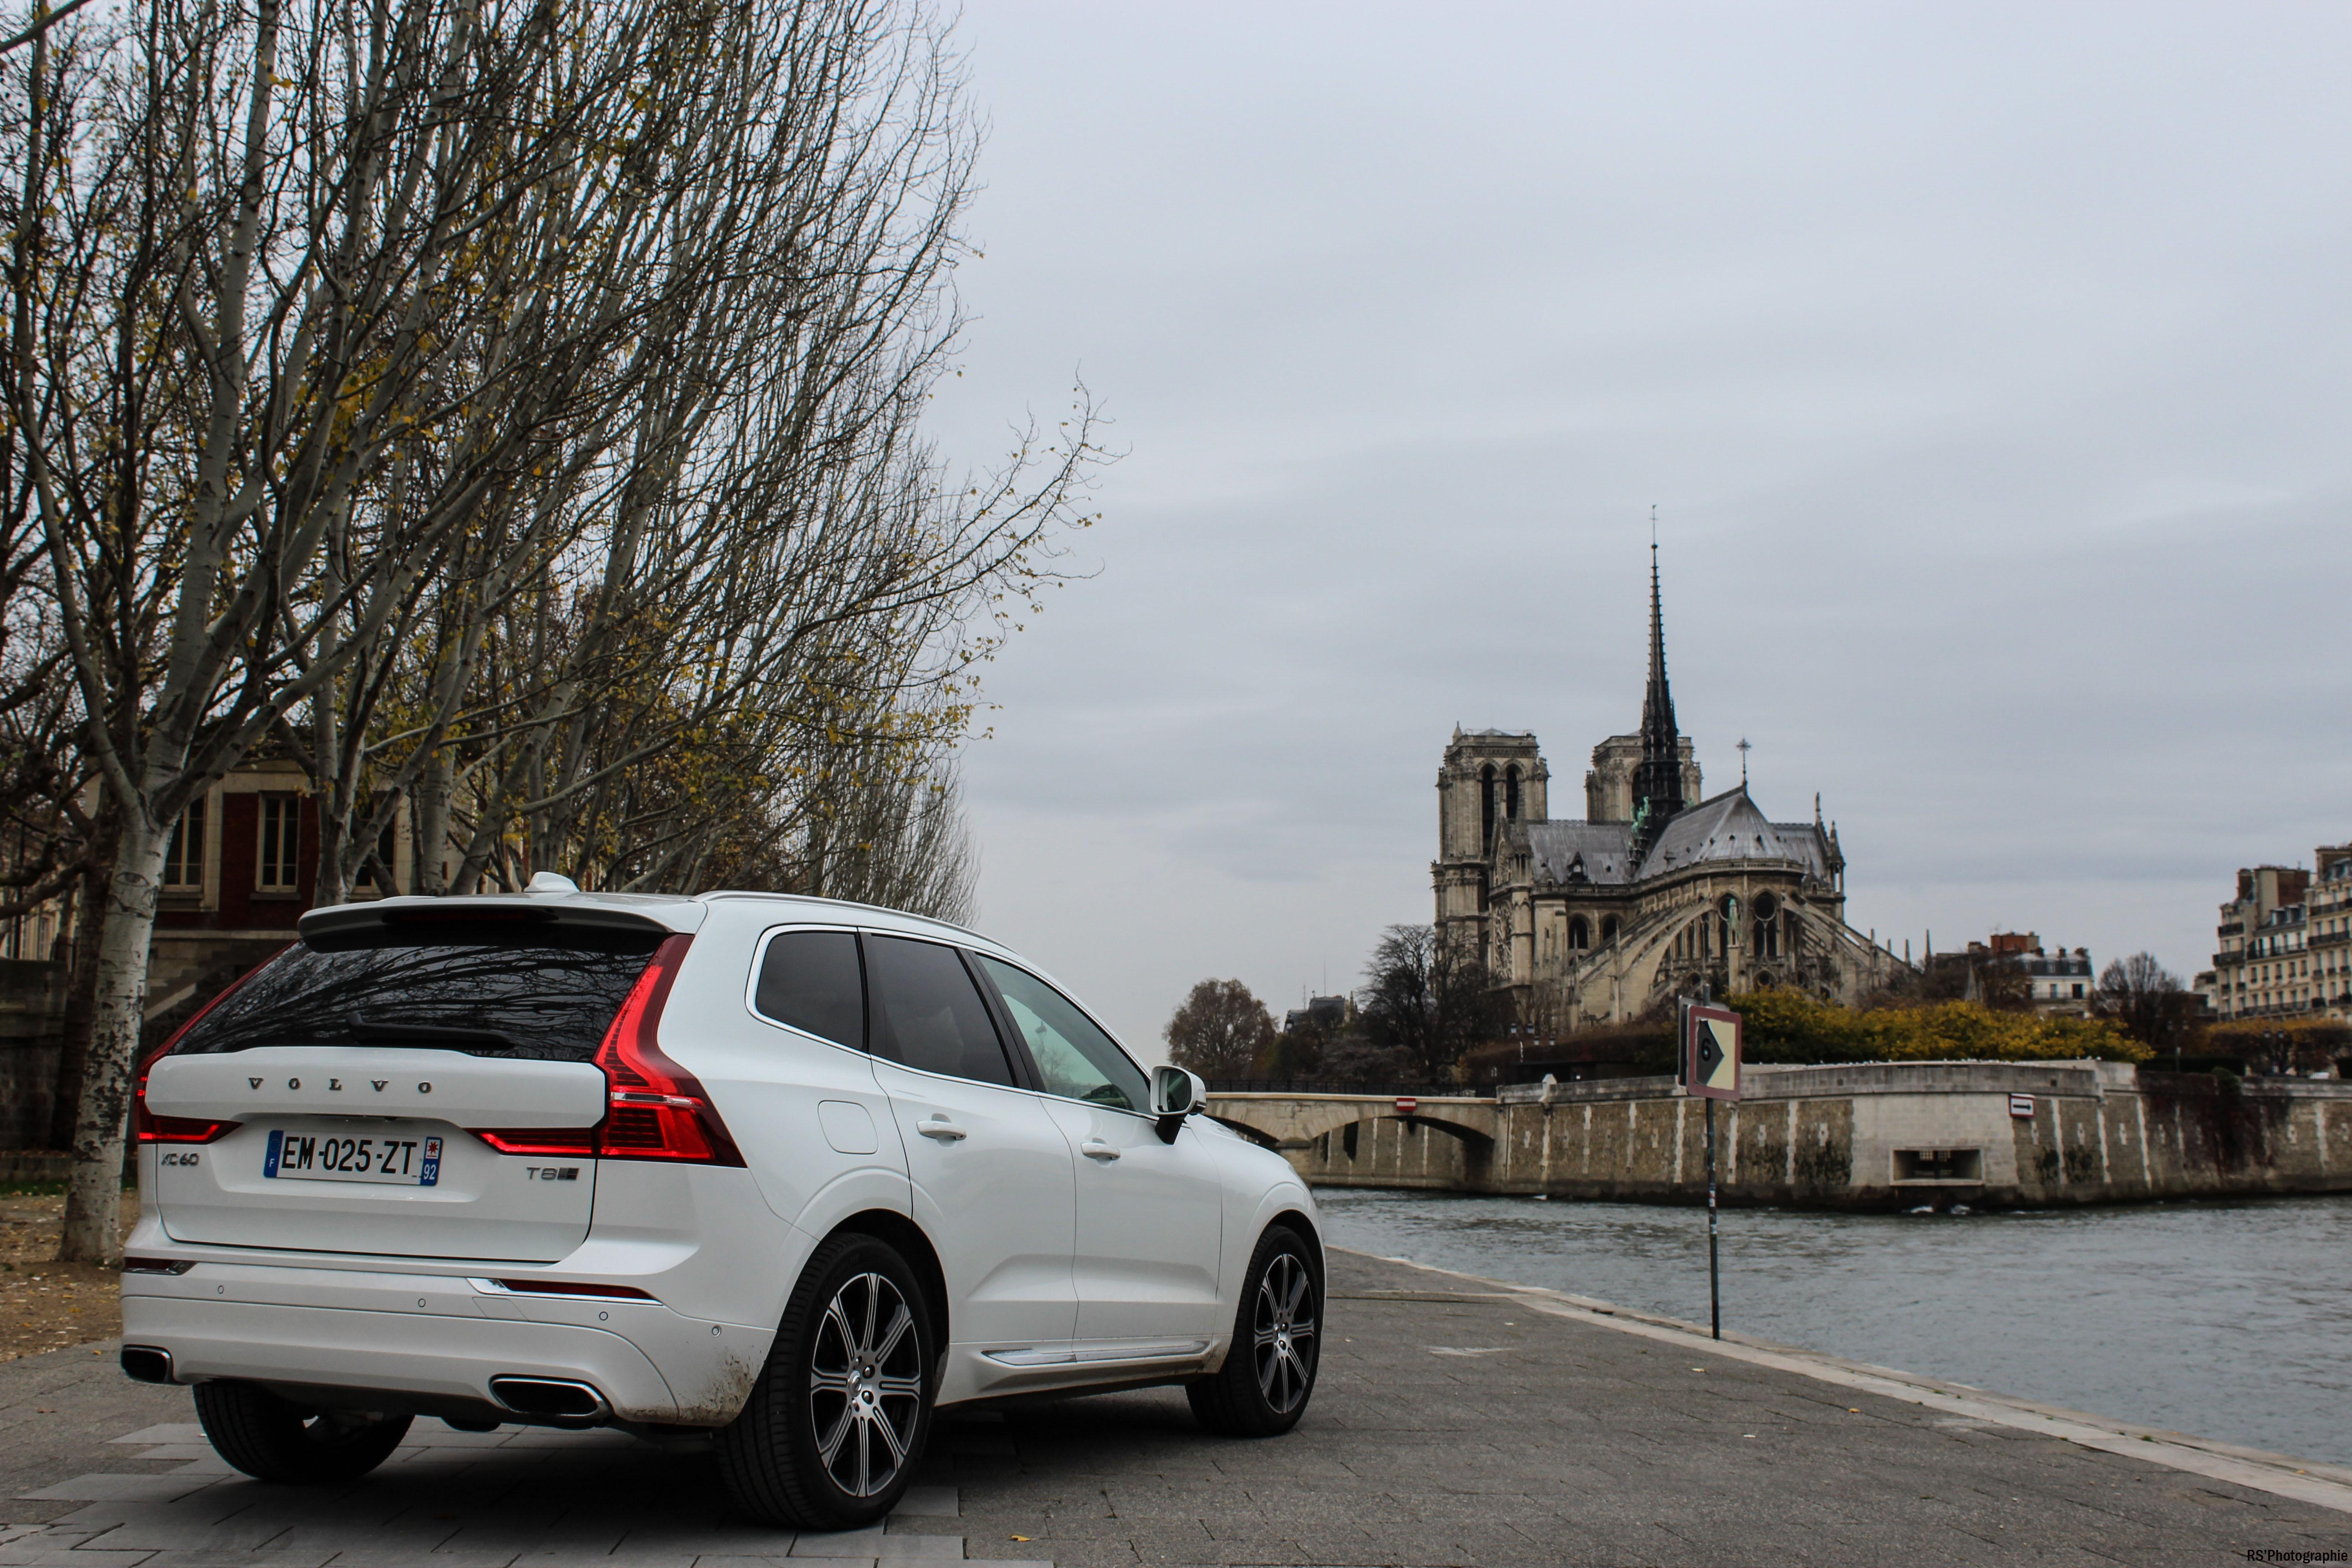 volvoXC6048-volvo-XC60-T8-Hybrid-arriere-rear-Arnaud Demasier-RSPhotographie